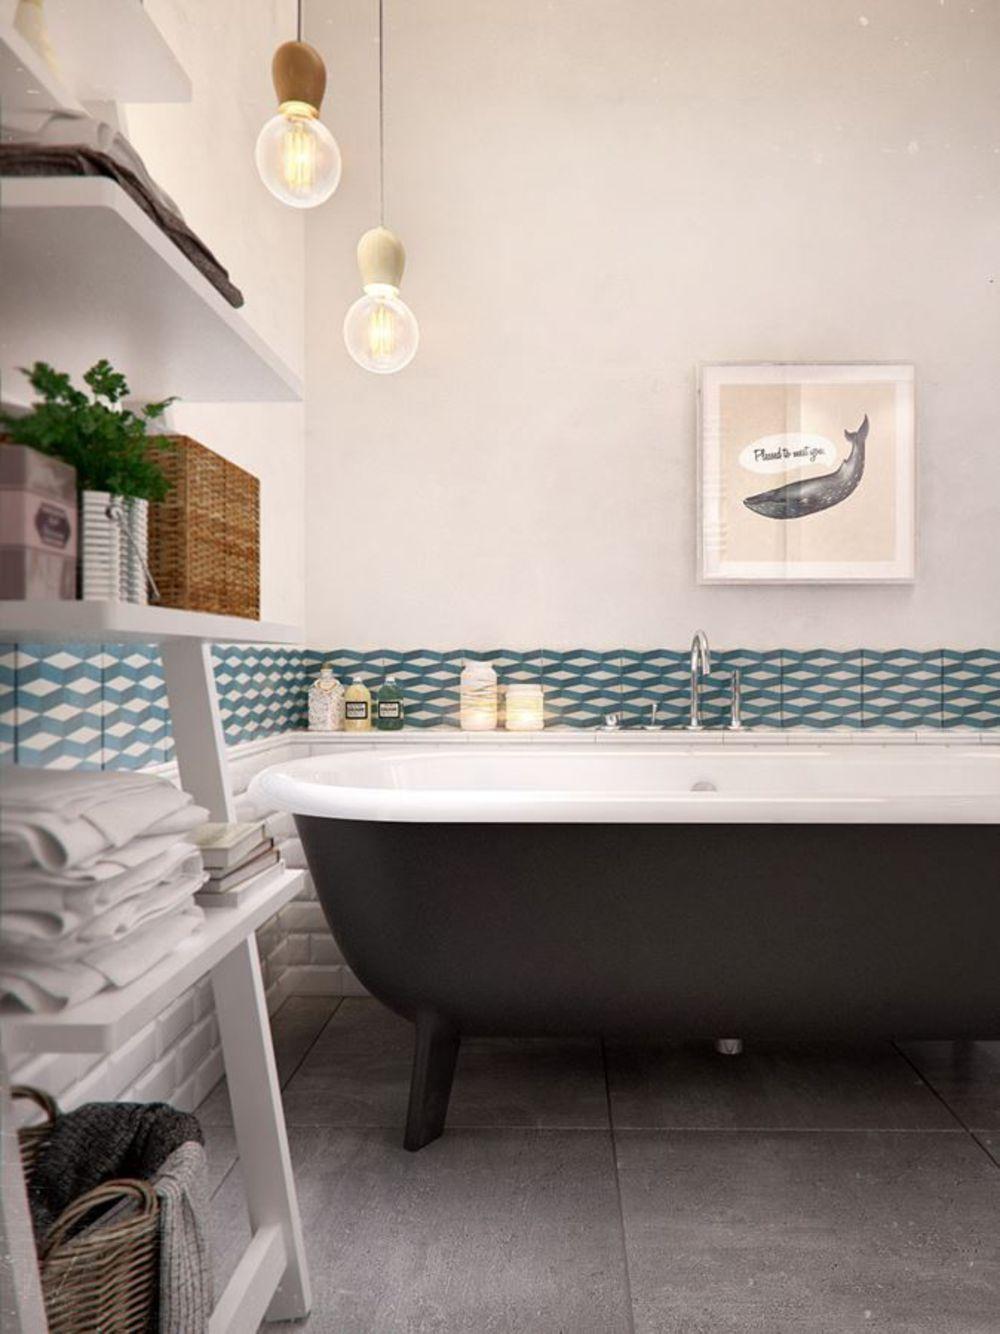 Salle de bains des rev tements muraux tendance dream house bathroom cheap tiles et budget - Revetements muraux salle de bain ...